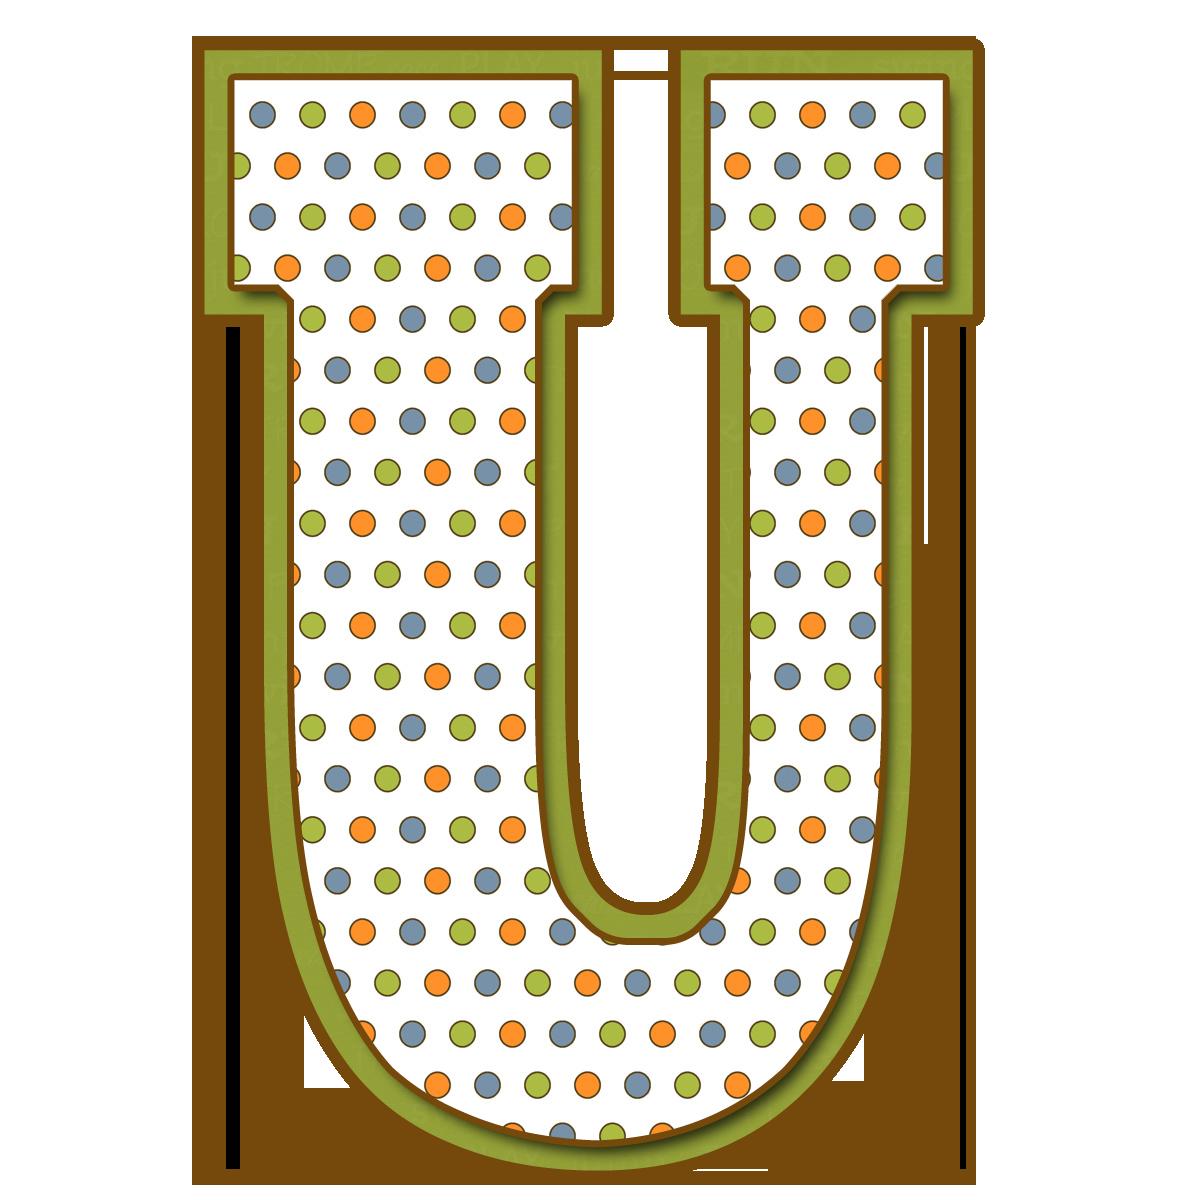 Letras Mayúsculas para imprimir de bolitas de colores. Letra U ...